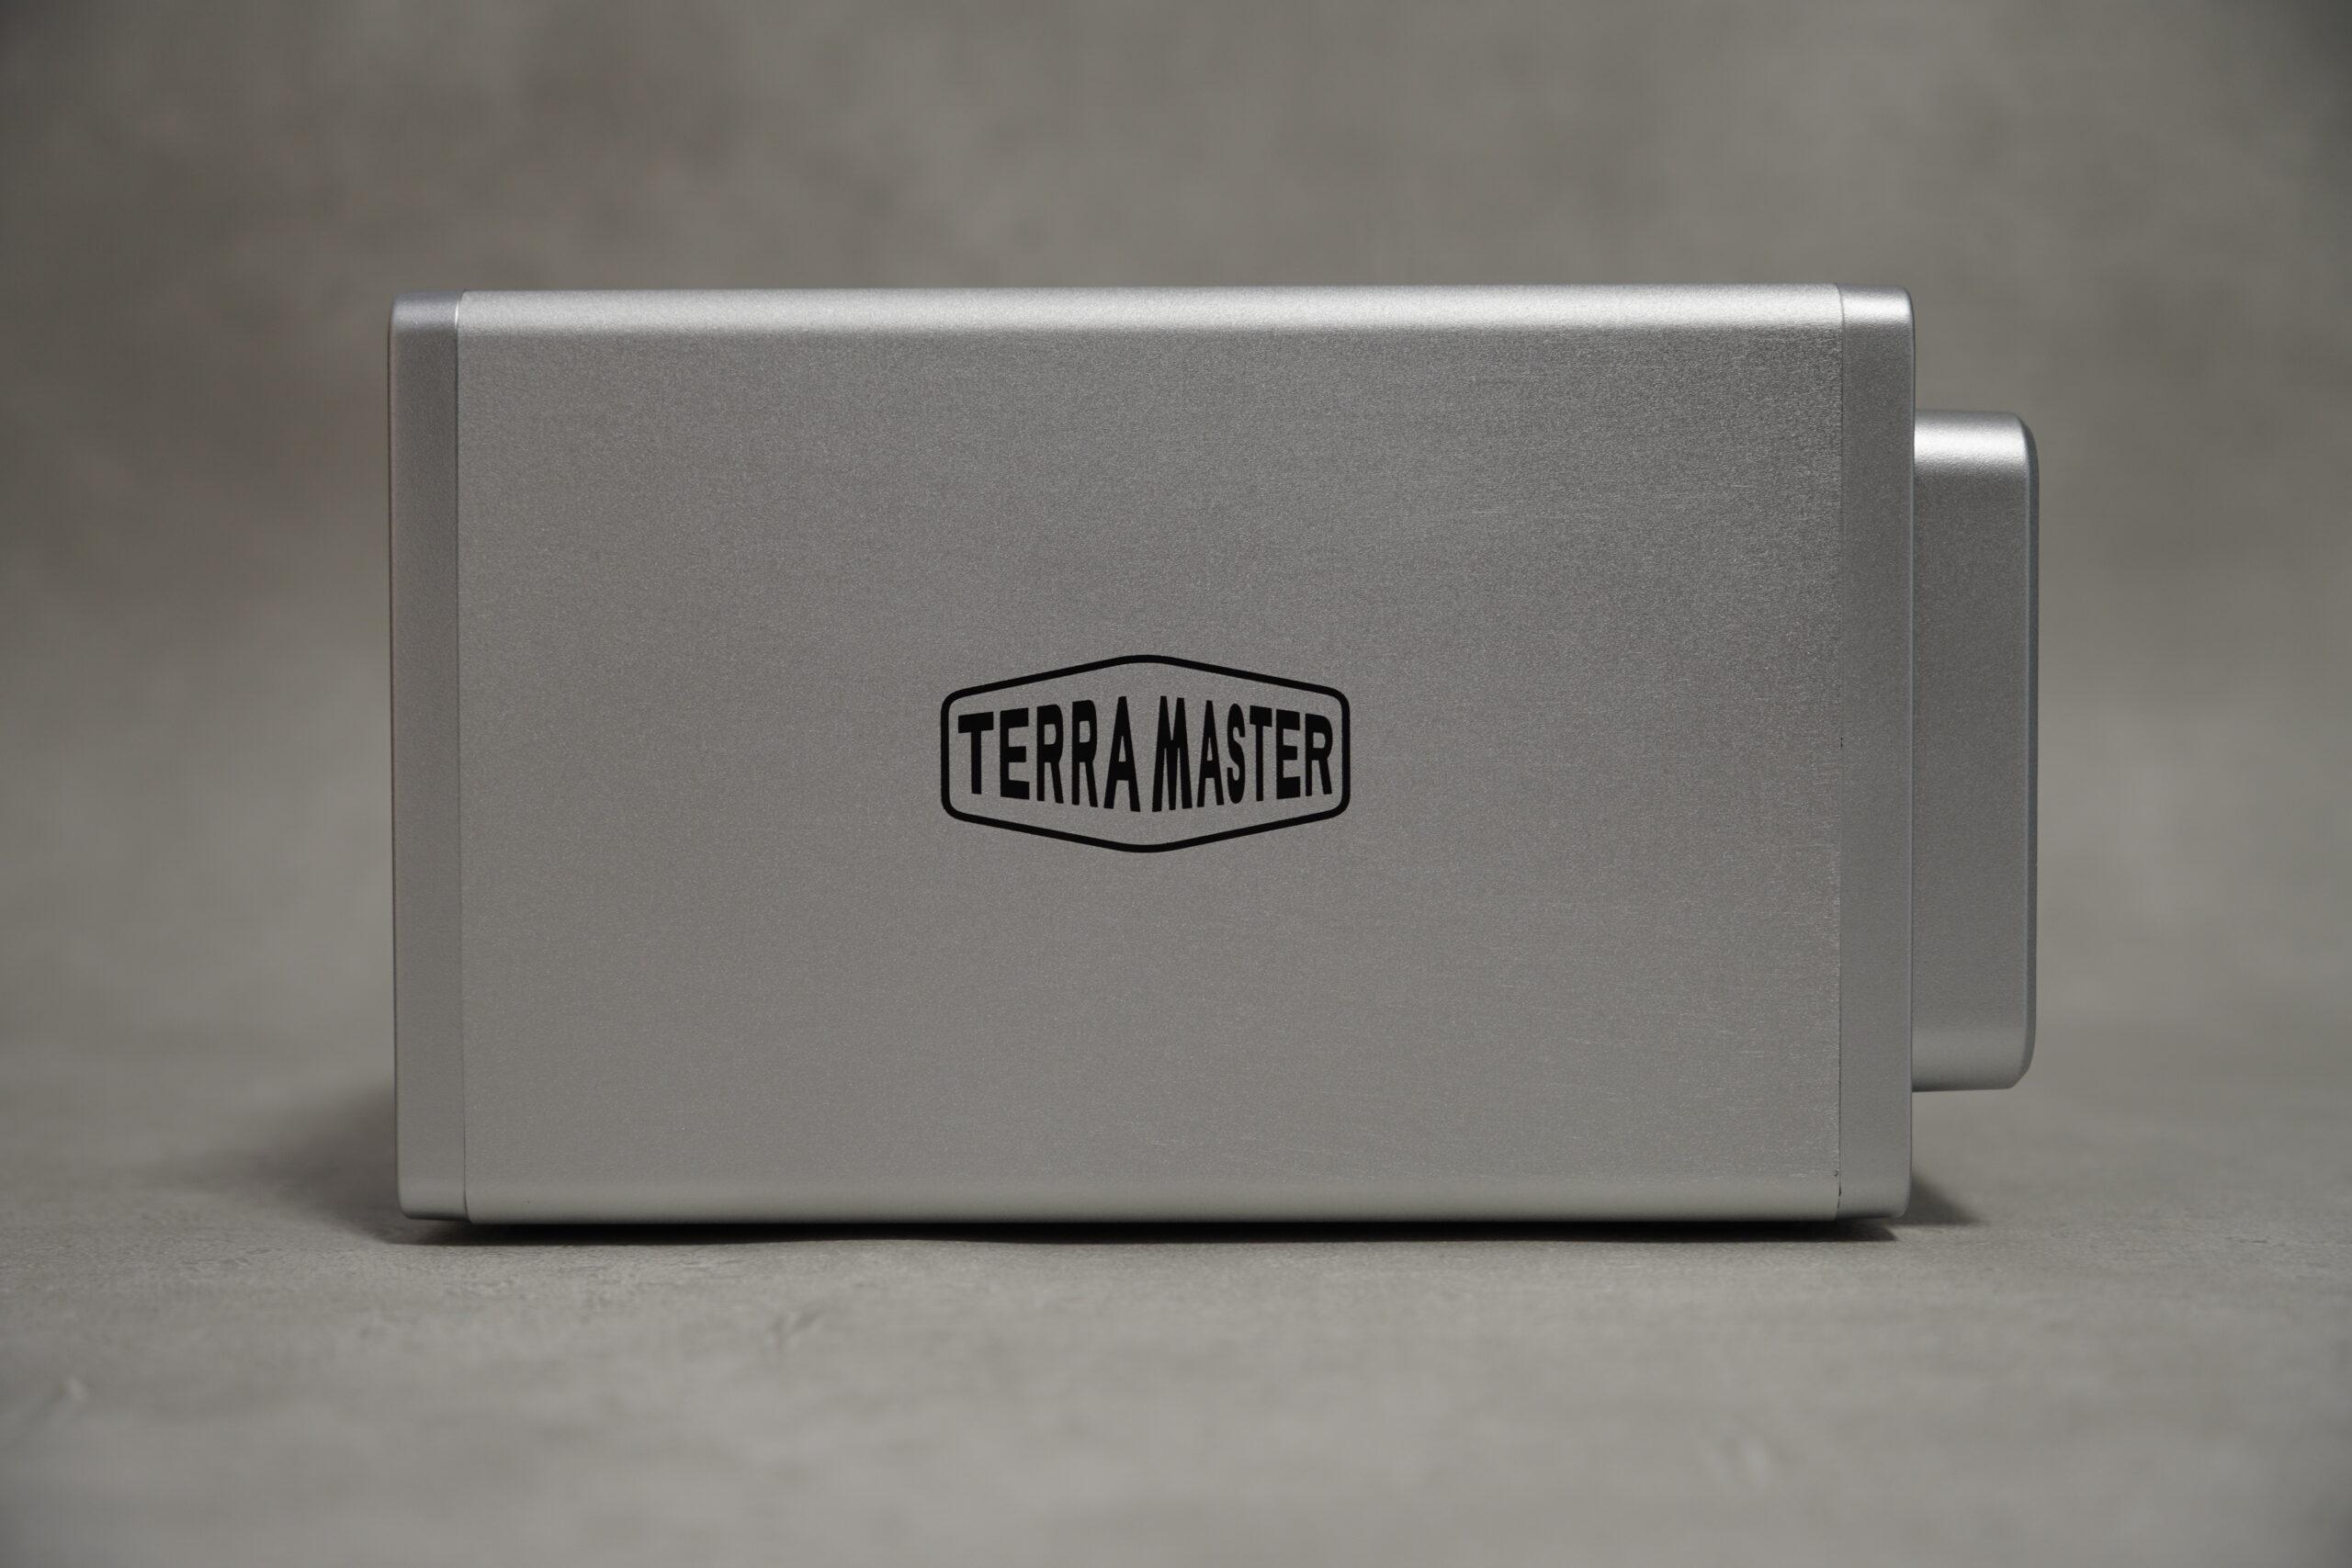 Terramaster F2-422 NAS 本体